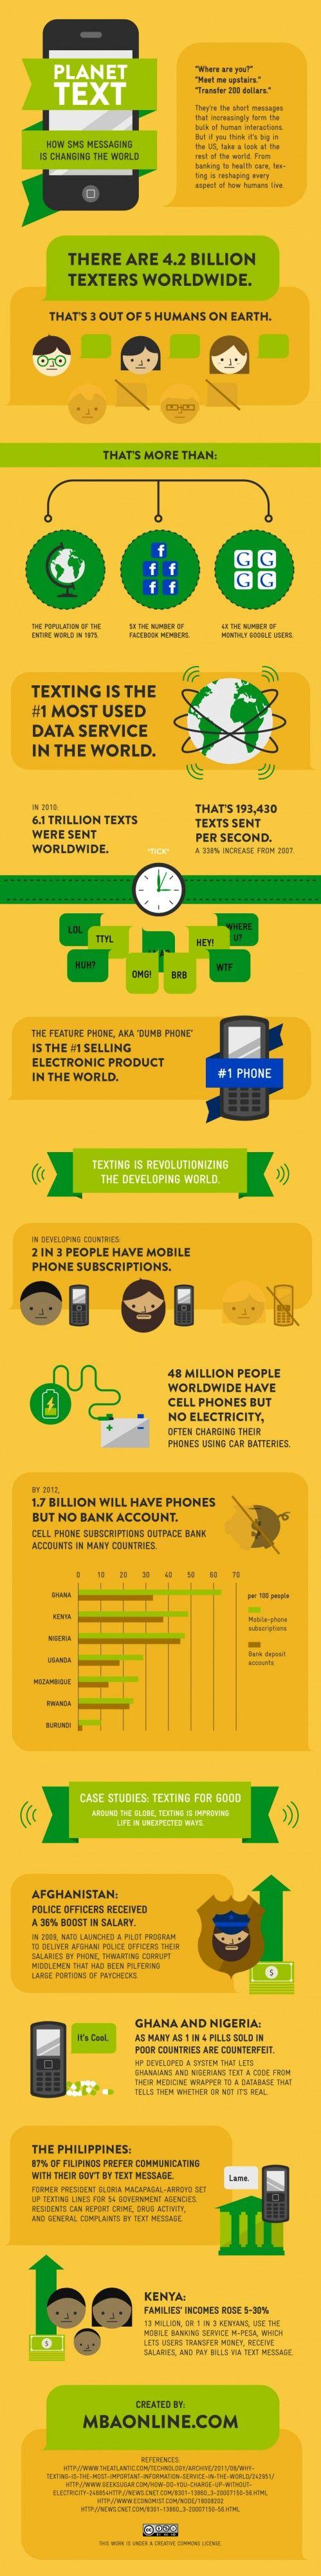 SMS меняют мир